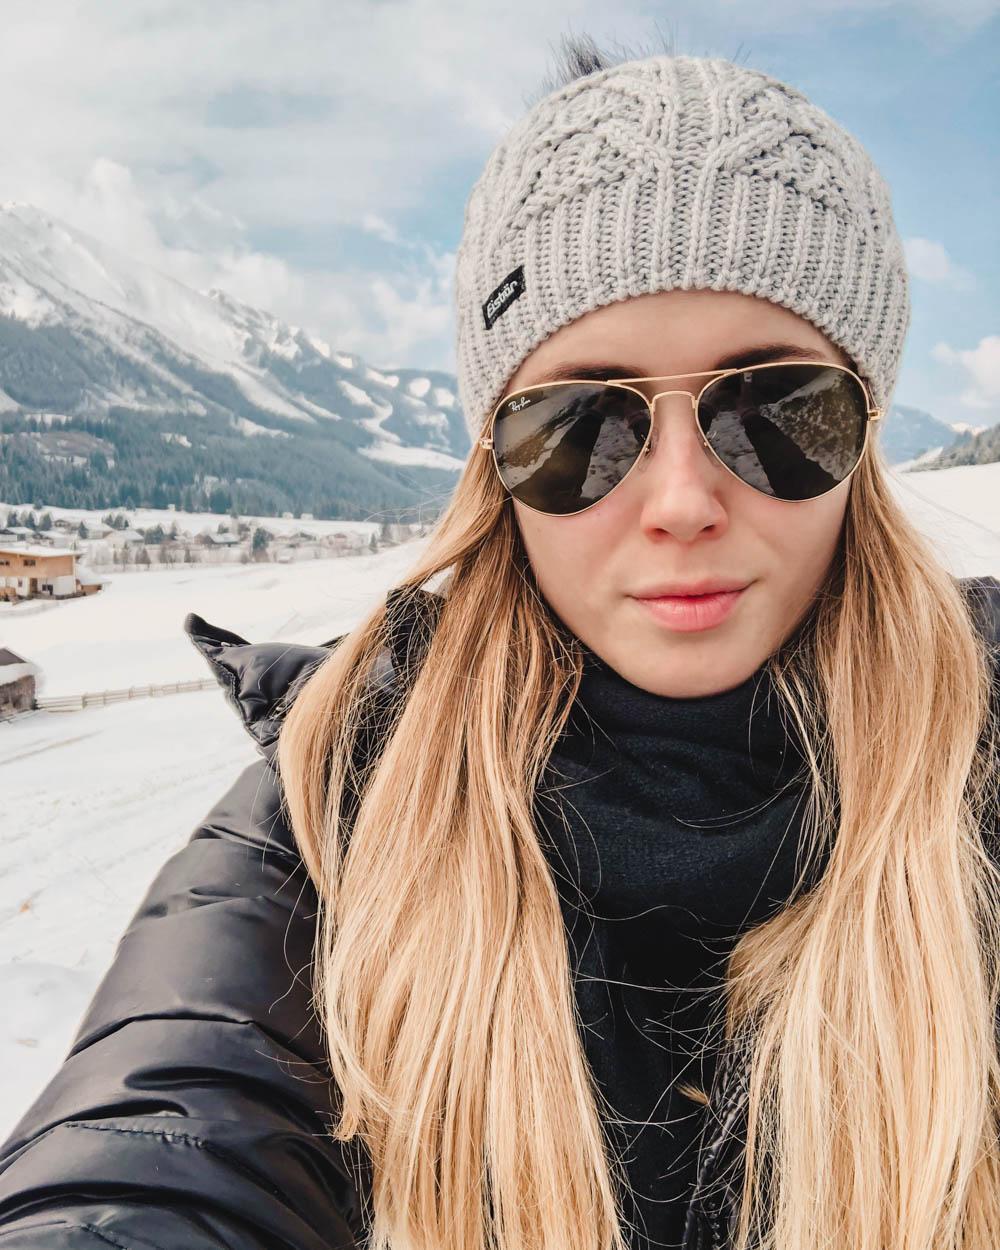 Happy Place: Tirol auf dem österreichischen Lifestyle Blog Bits and Bobs by Eva. Mehr positive Inspirationen auf www.bitsandbobsbyeva.com